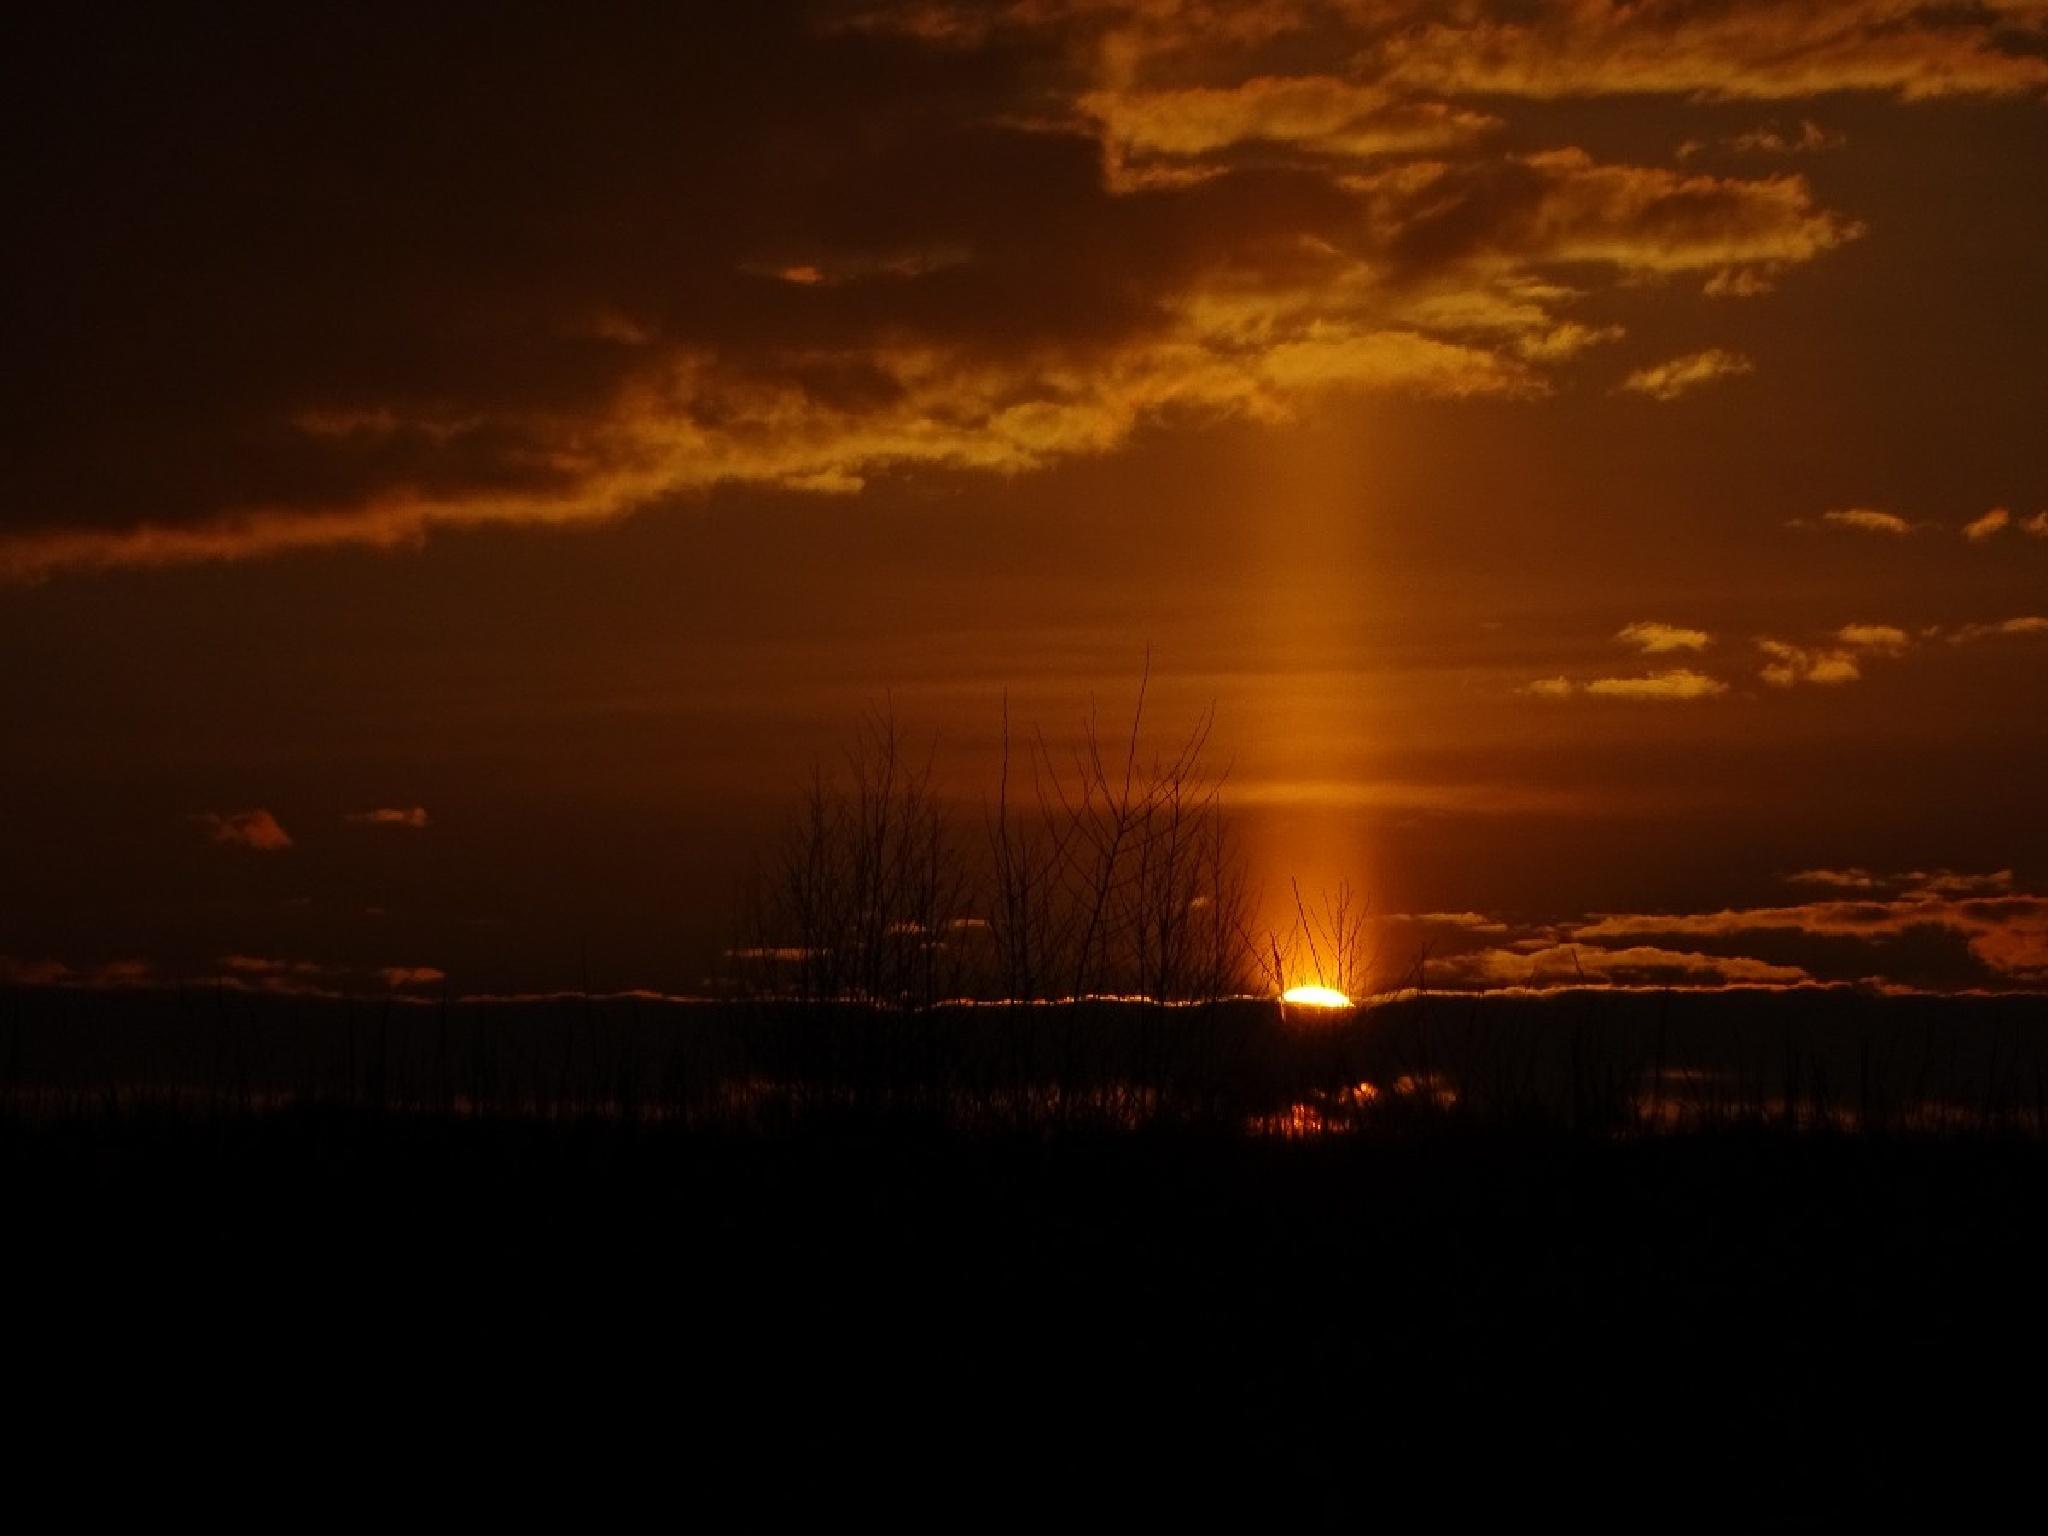 Light pillar by Dundie